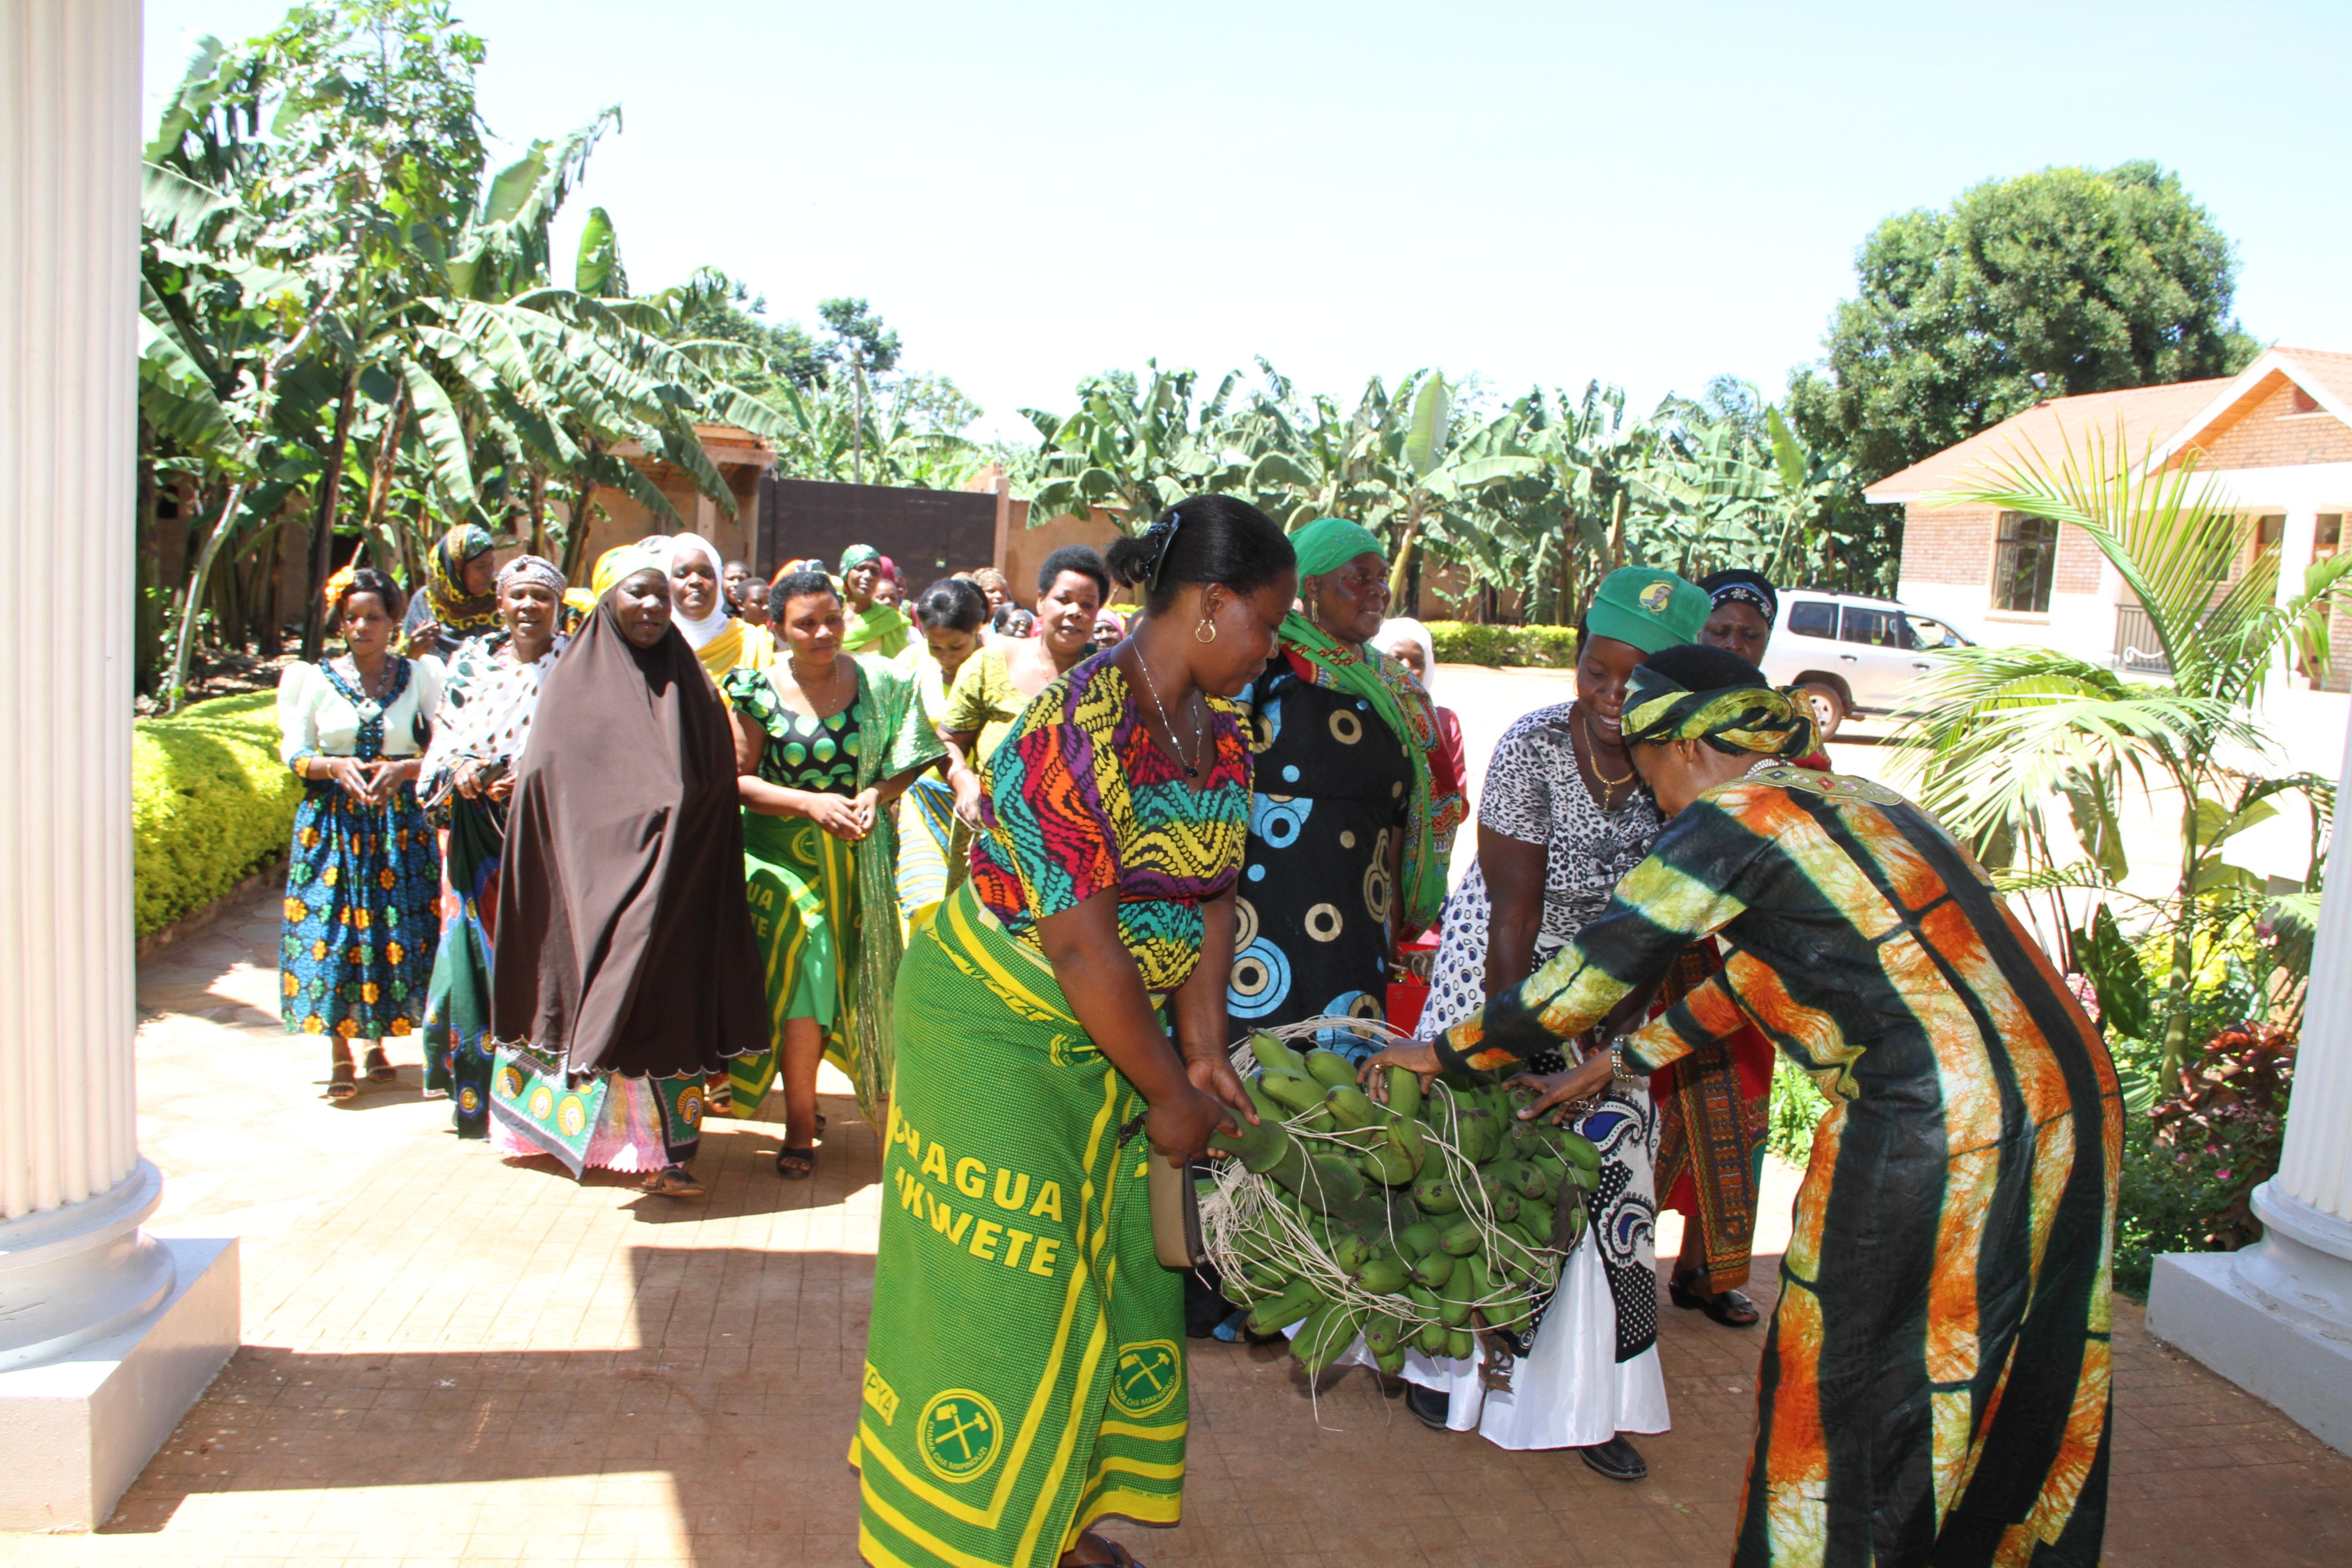 Kikundi cha wanawake wakeleketwa wa CCM Muleba wakiongozwa na Nshange katibu wa ccm wilaya ya Muleba wamtembelea Mh Anna Tibaijuka nyumbani kwake  siku ya Pasaka  08-04-2015